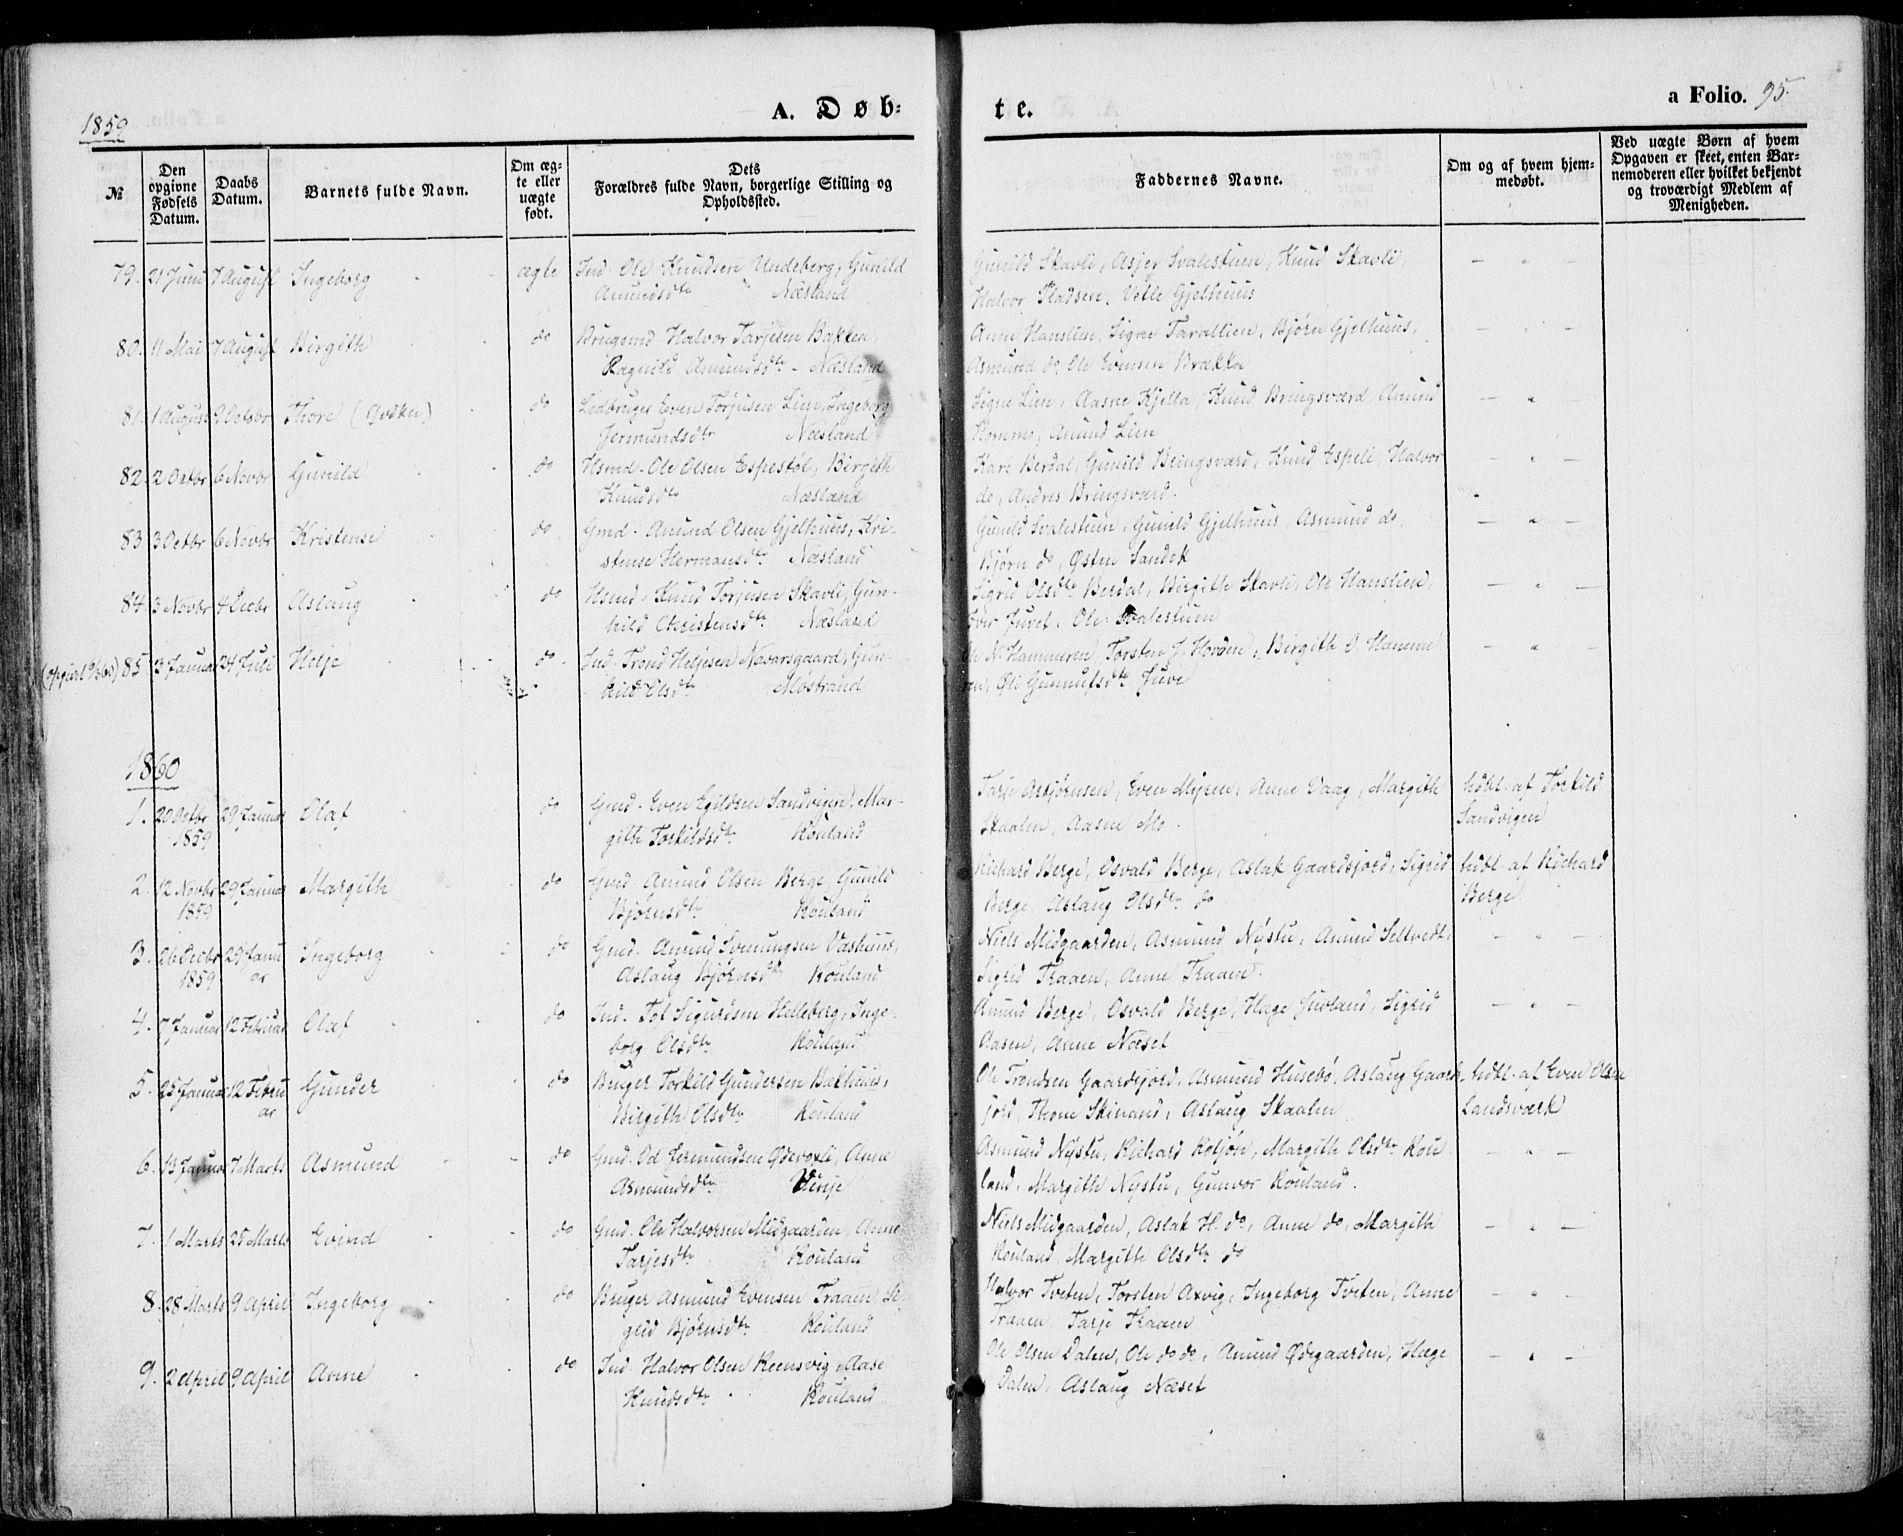 SAKO, Vinje kirkebøker, F/Fa/L0004: Ministerialbok nr. I 4, 1843-1869, s. 95